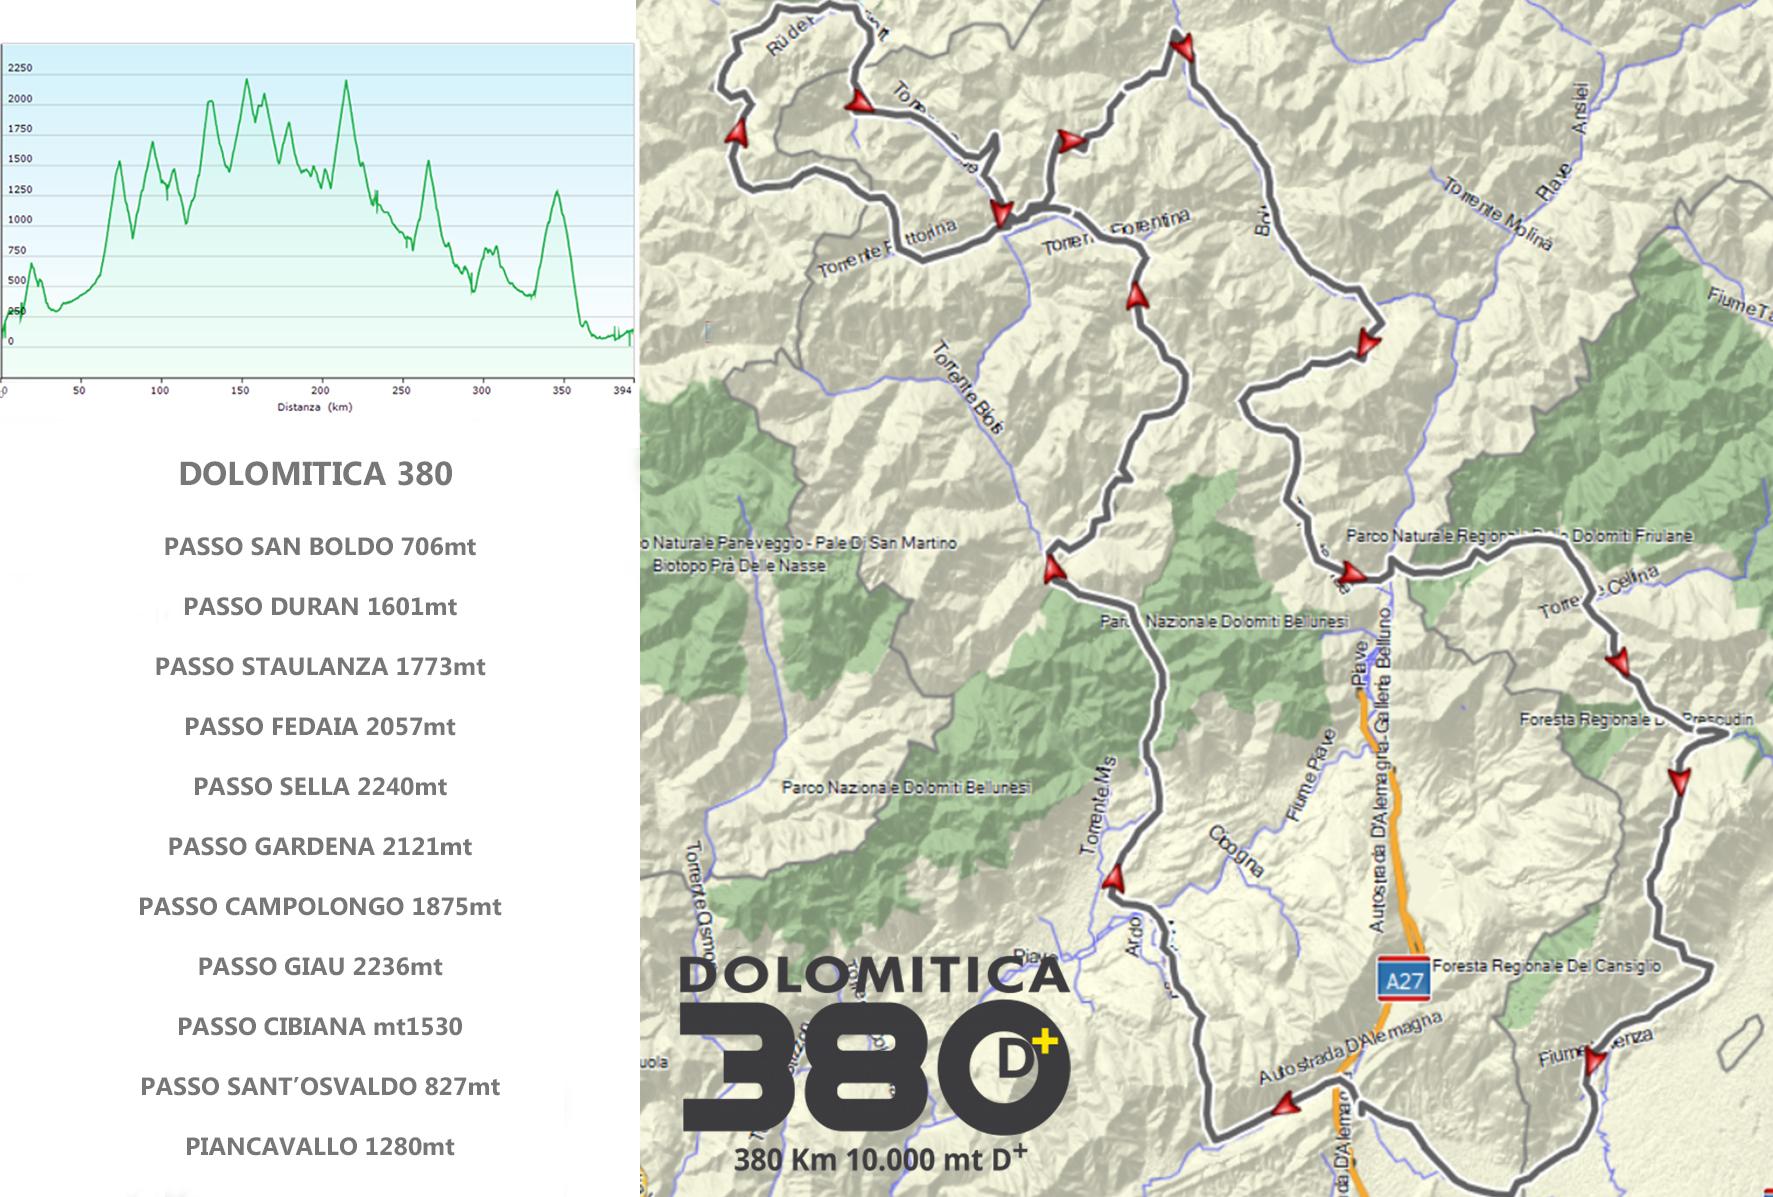 percorso Dolomitica 380 2021